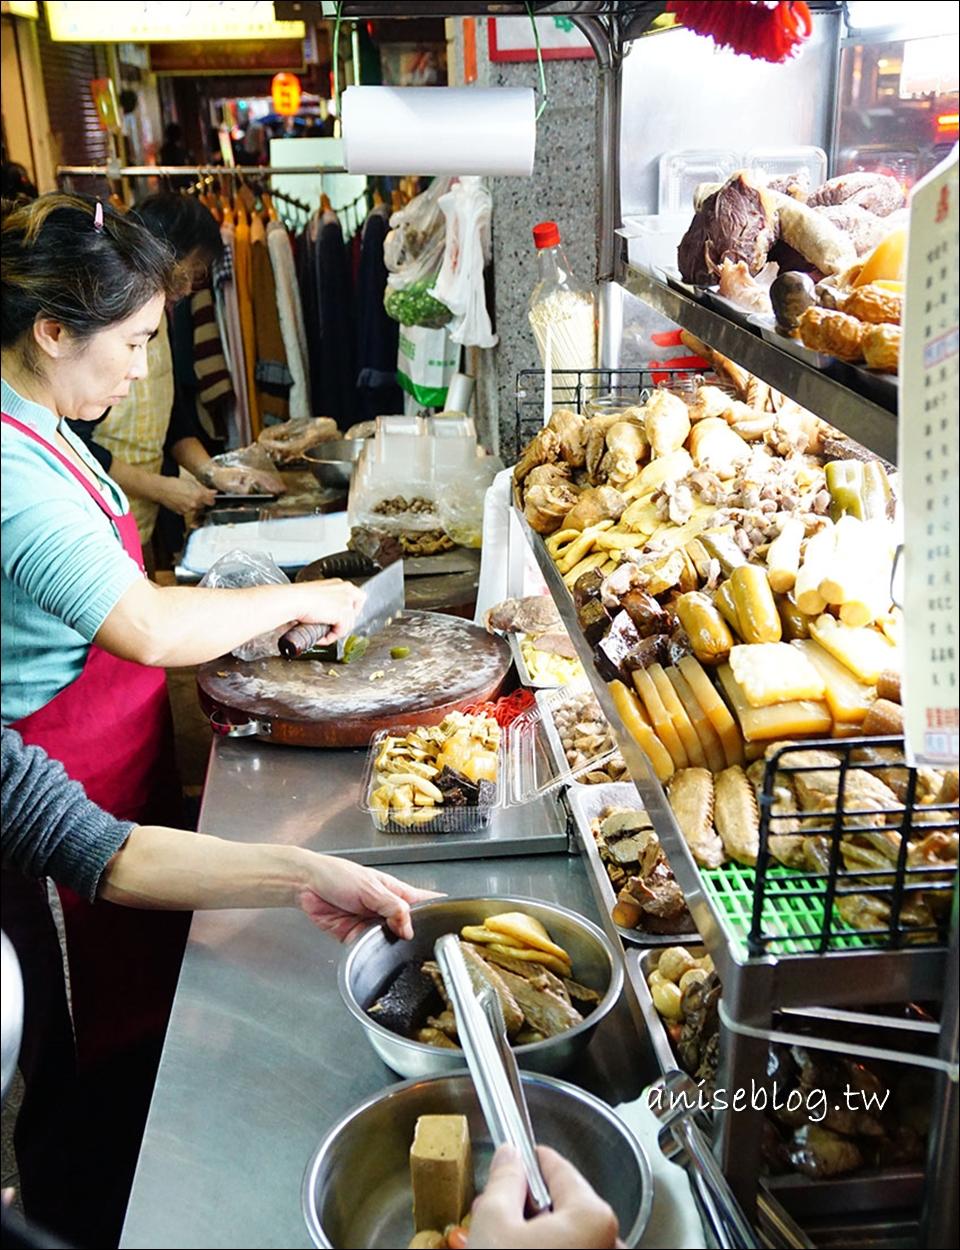 基隆 | 仁愛市場無名大腸圈(超好吃)、兩全天婦羅、鼎記滷味